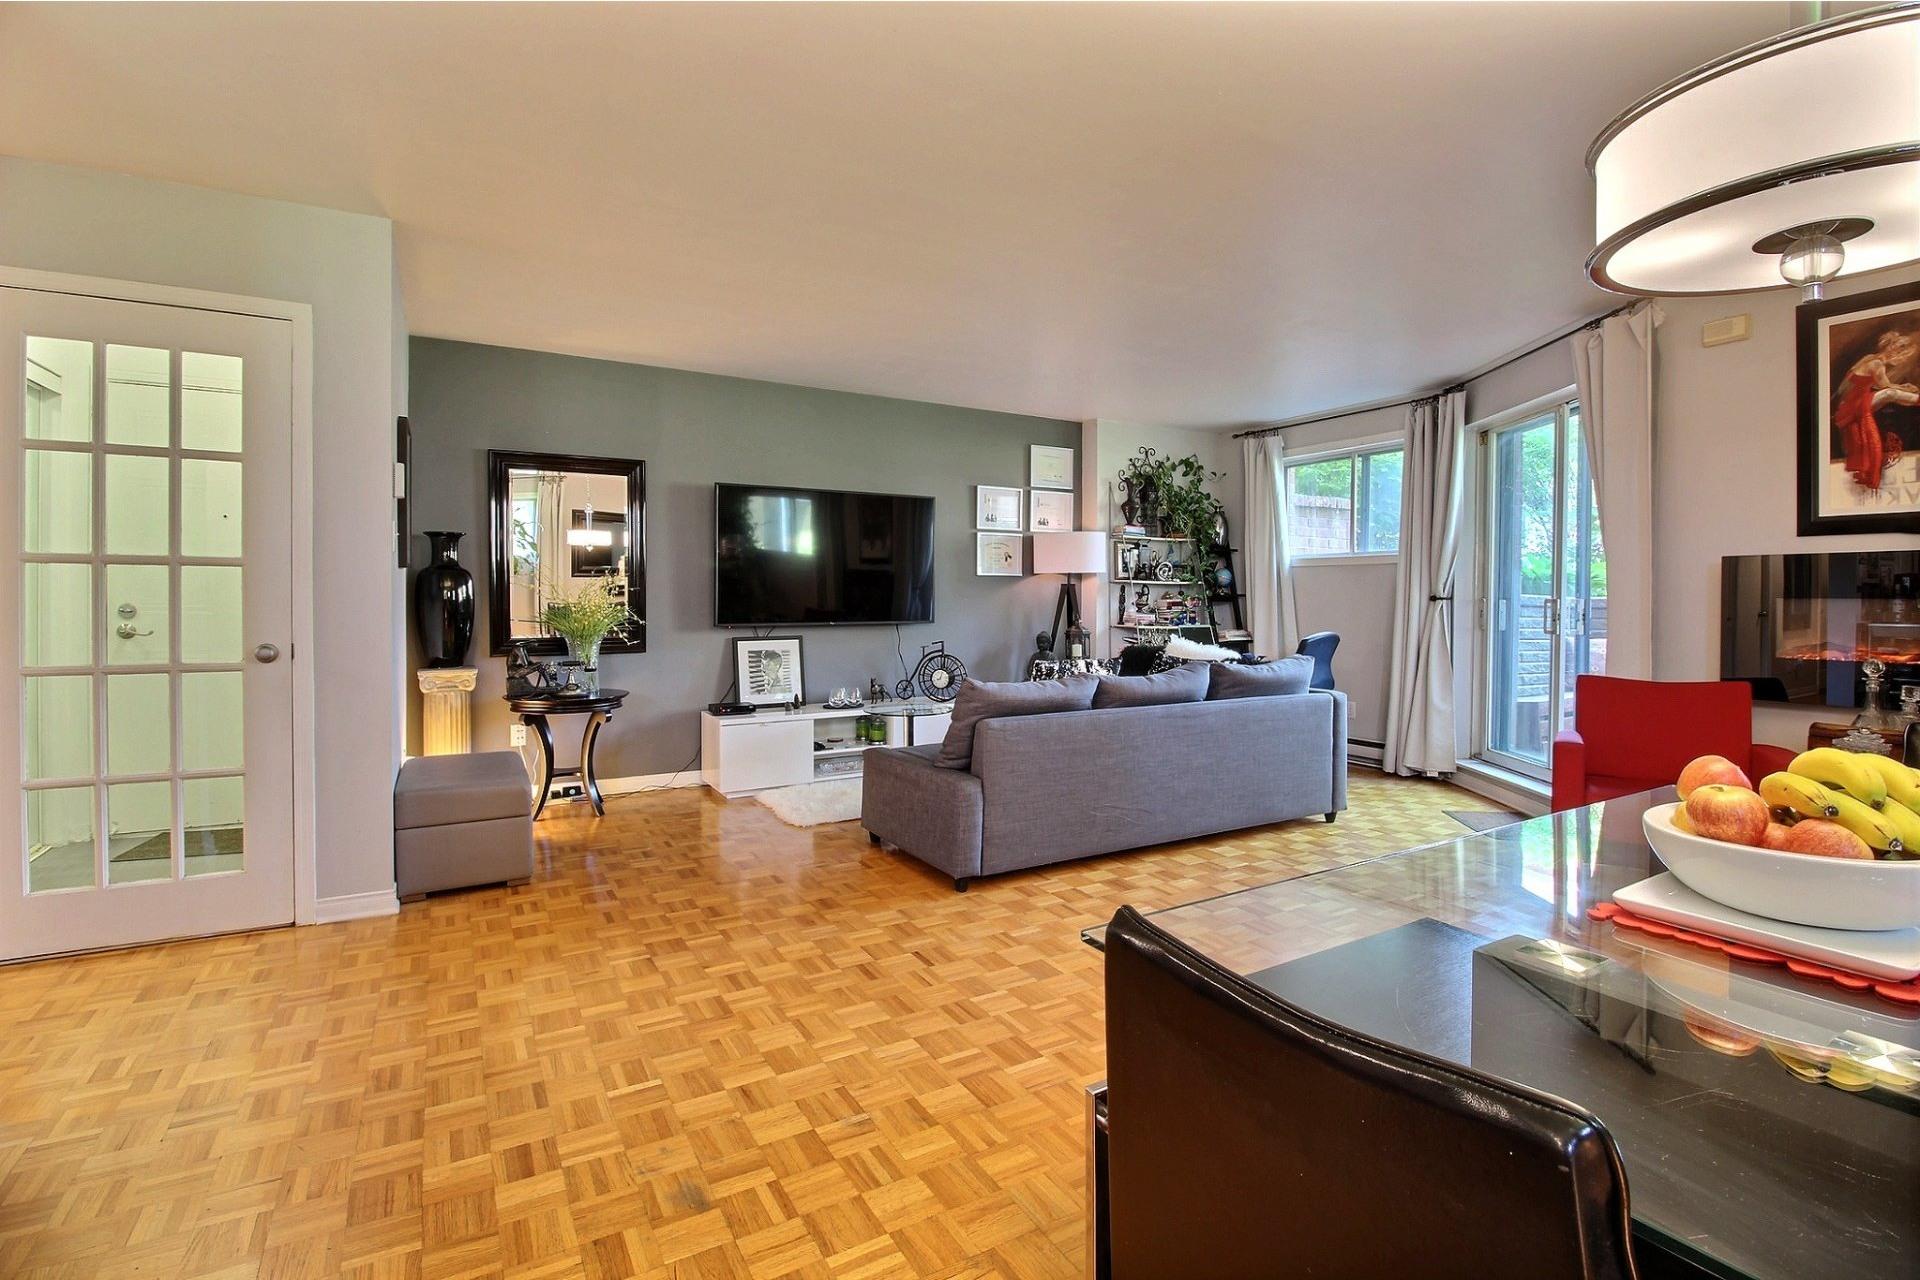 image 9 - Appartement À vendre Montréal Rivière-des-Prairies/Pointe-aux-Trembles  - 5 pièces